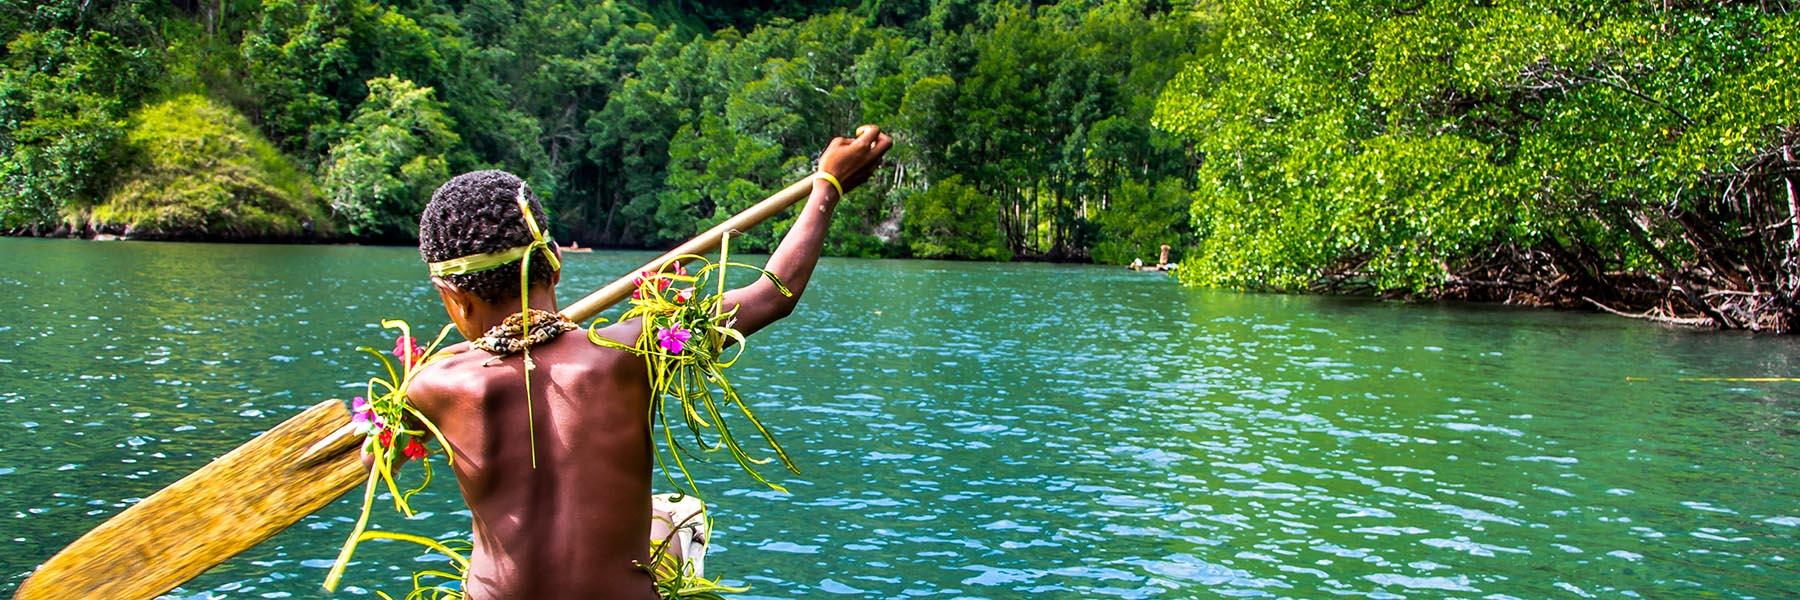 Papua birding tours